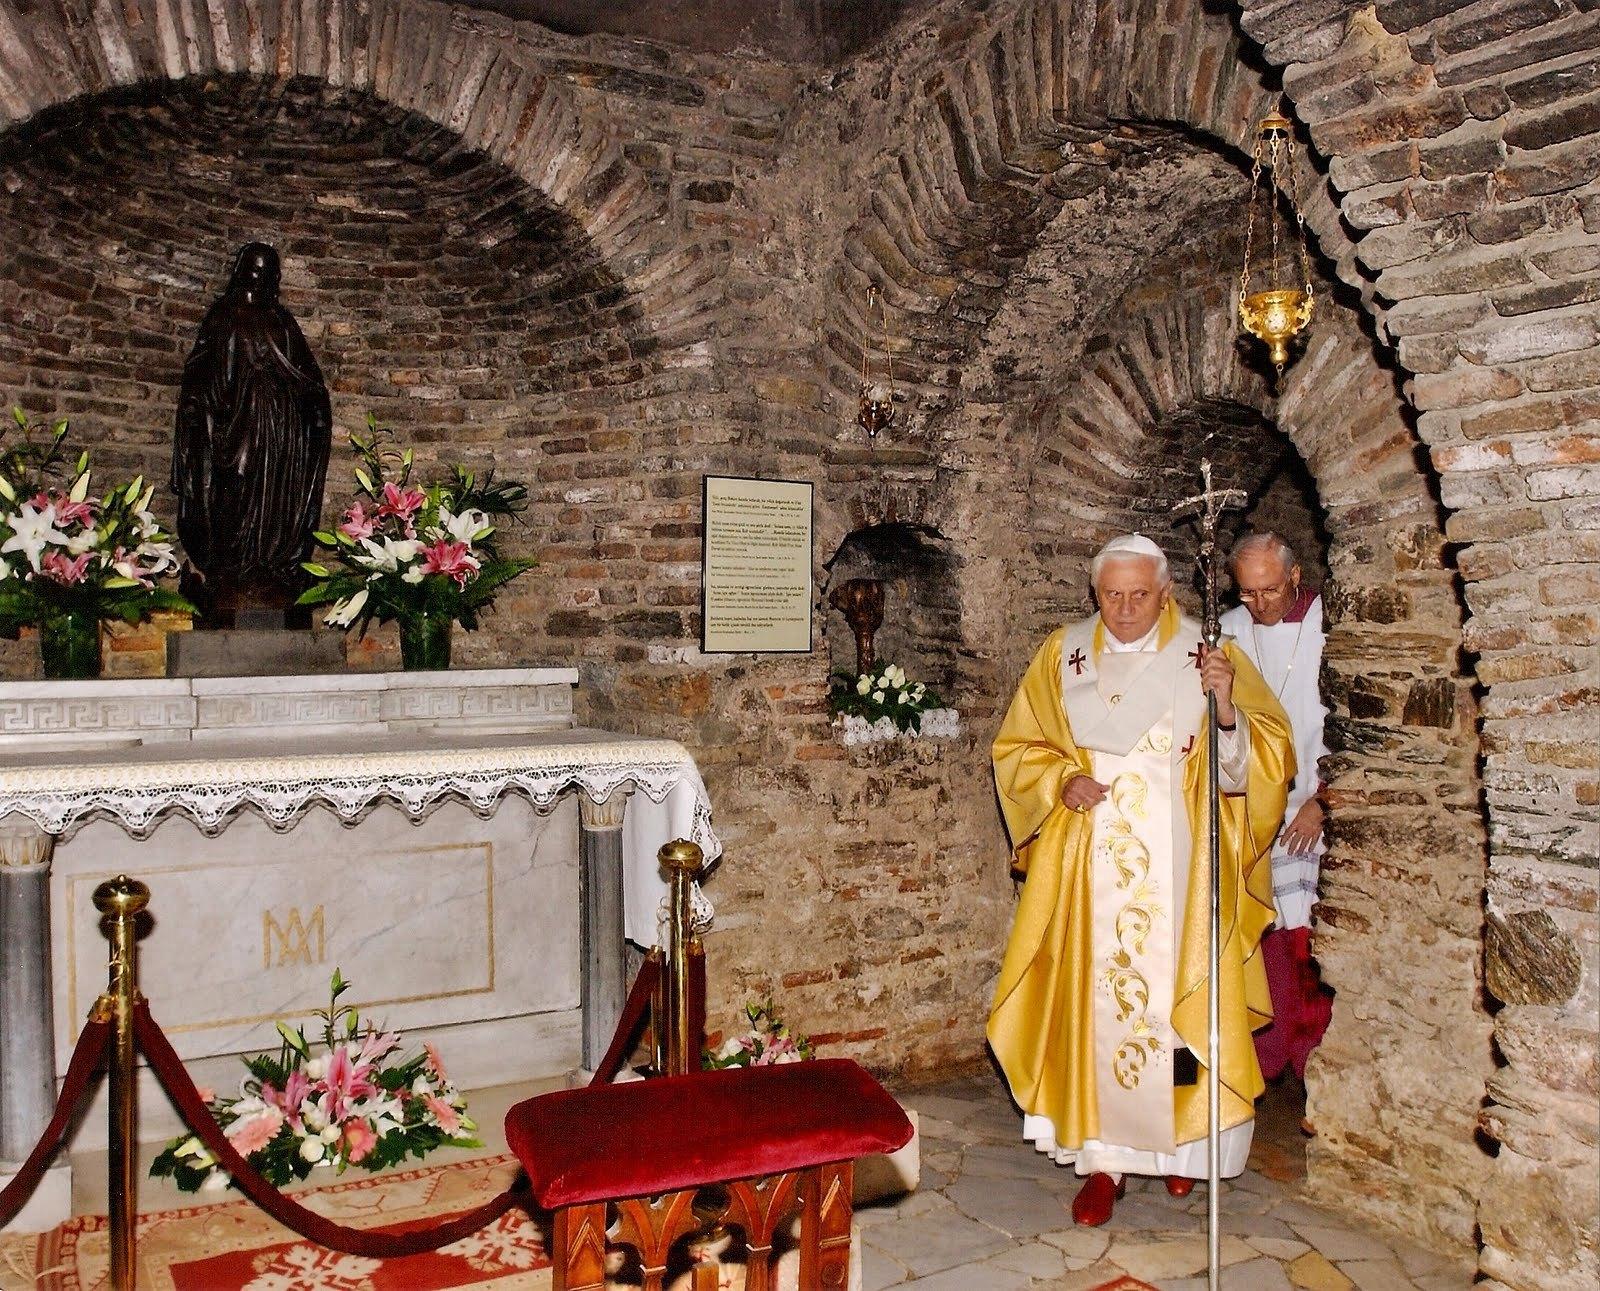 بيت المسيح والسيده العذراء